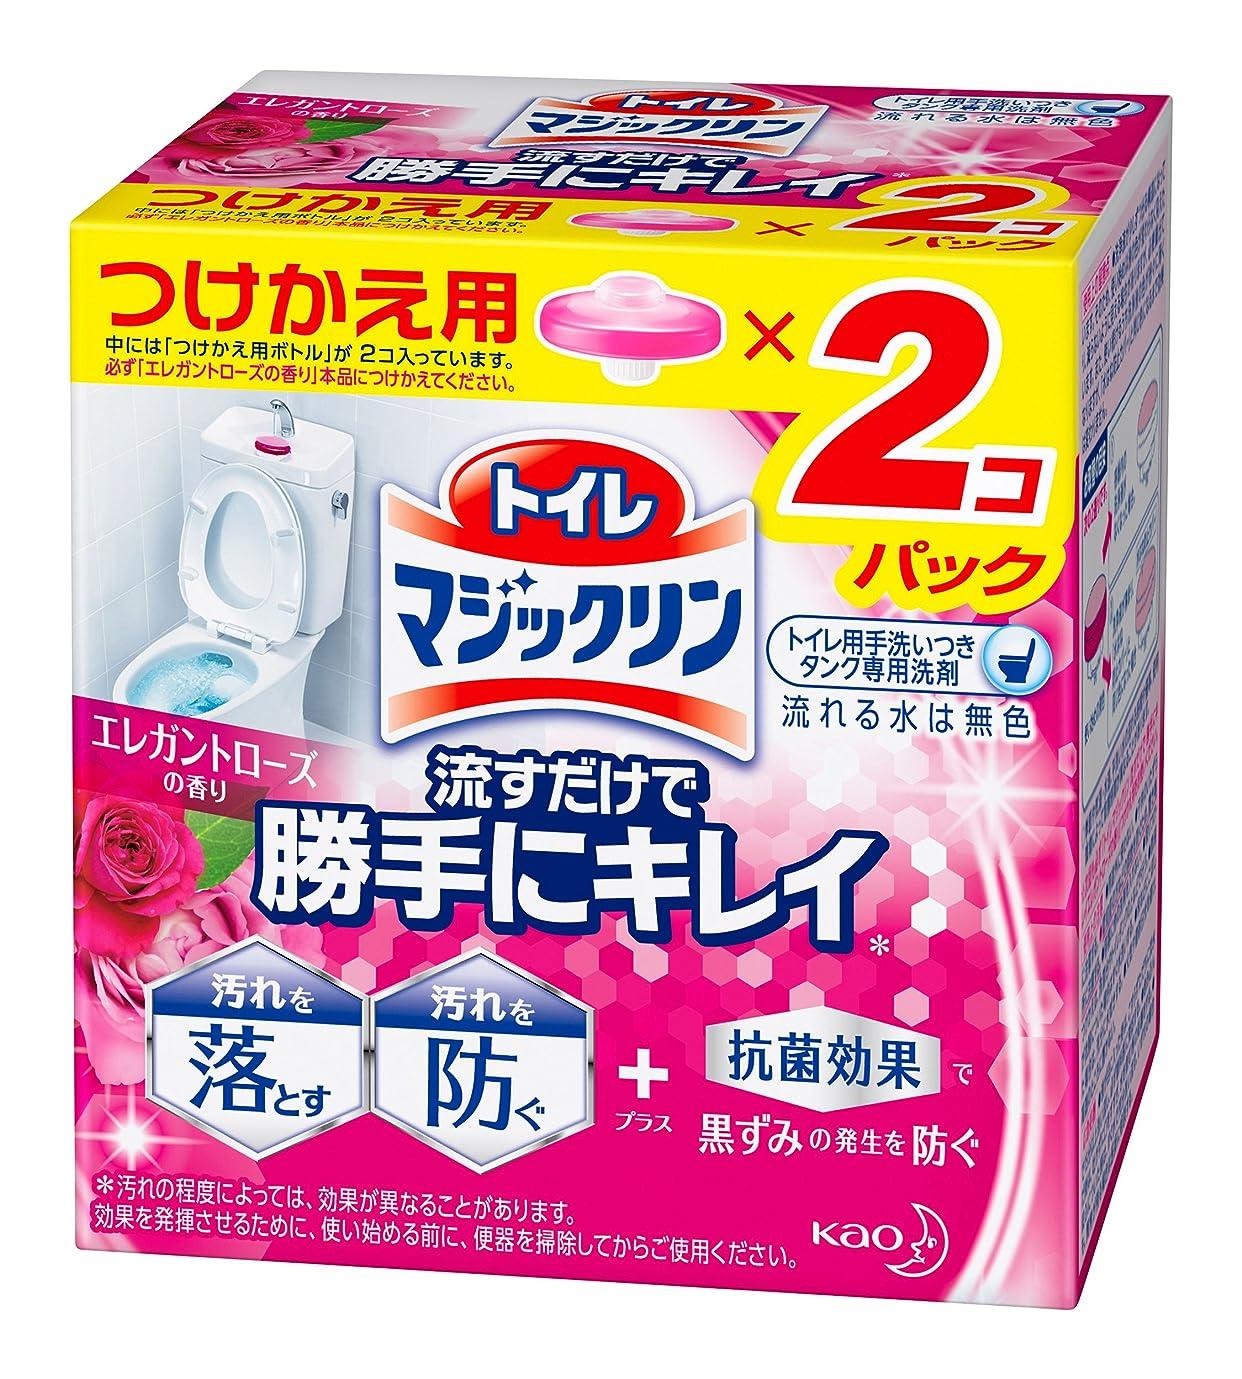 クラスティッシュ二層トイレマジックリン トイレ用洗剤 流すだけで勝手にキレイ ローズせっけんの香り 付替用 2個